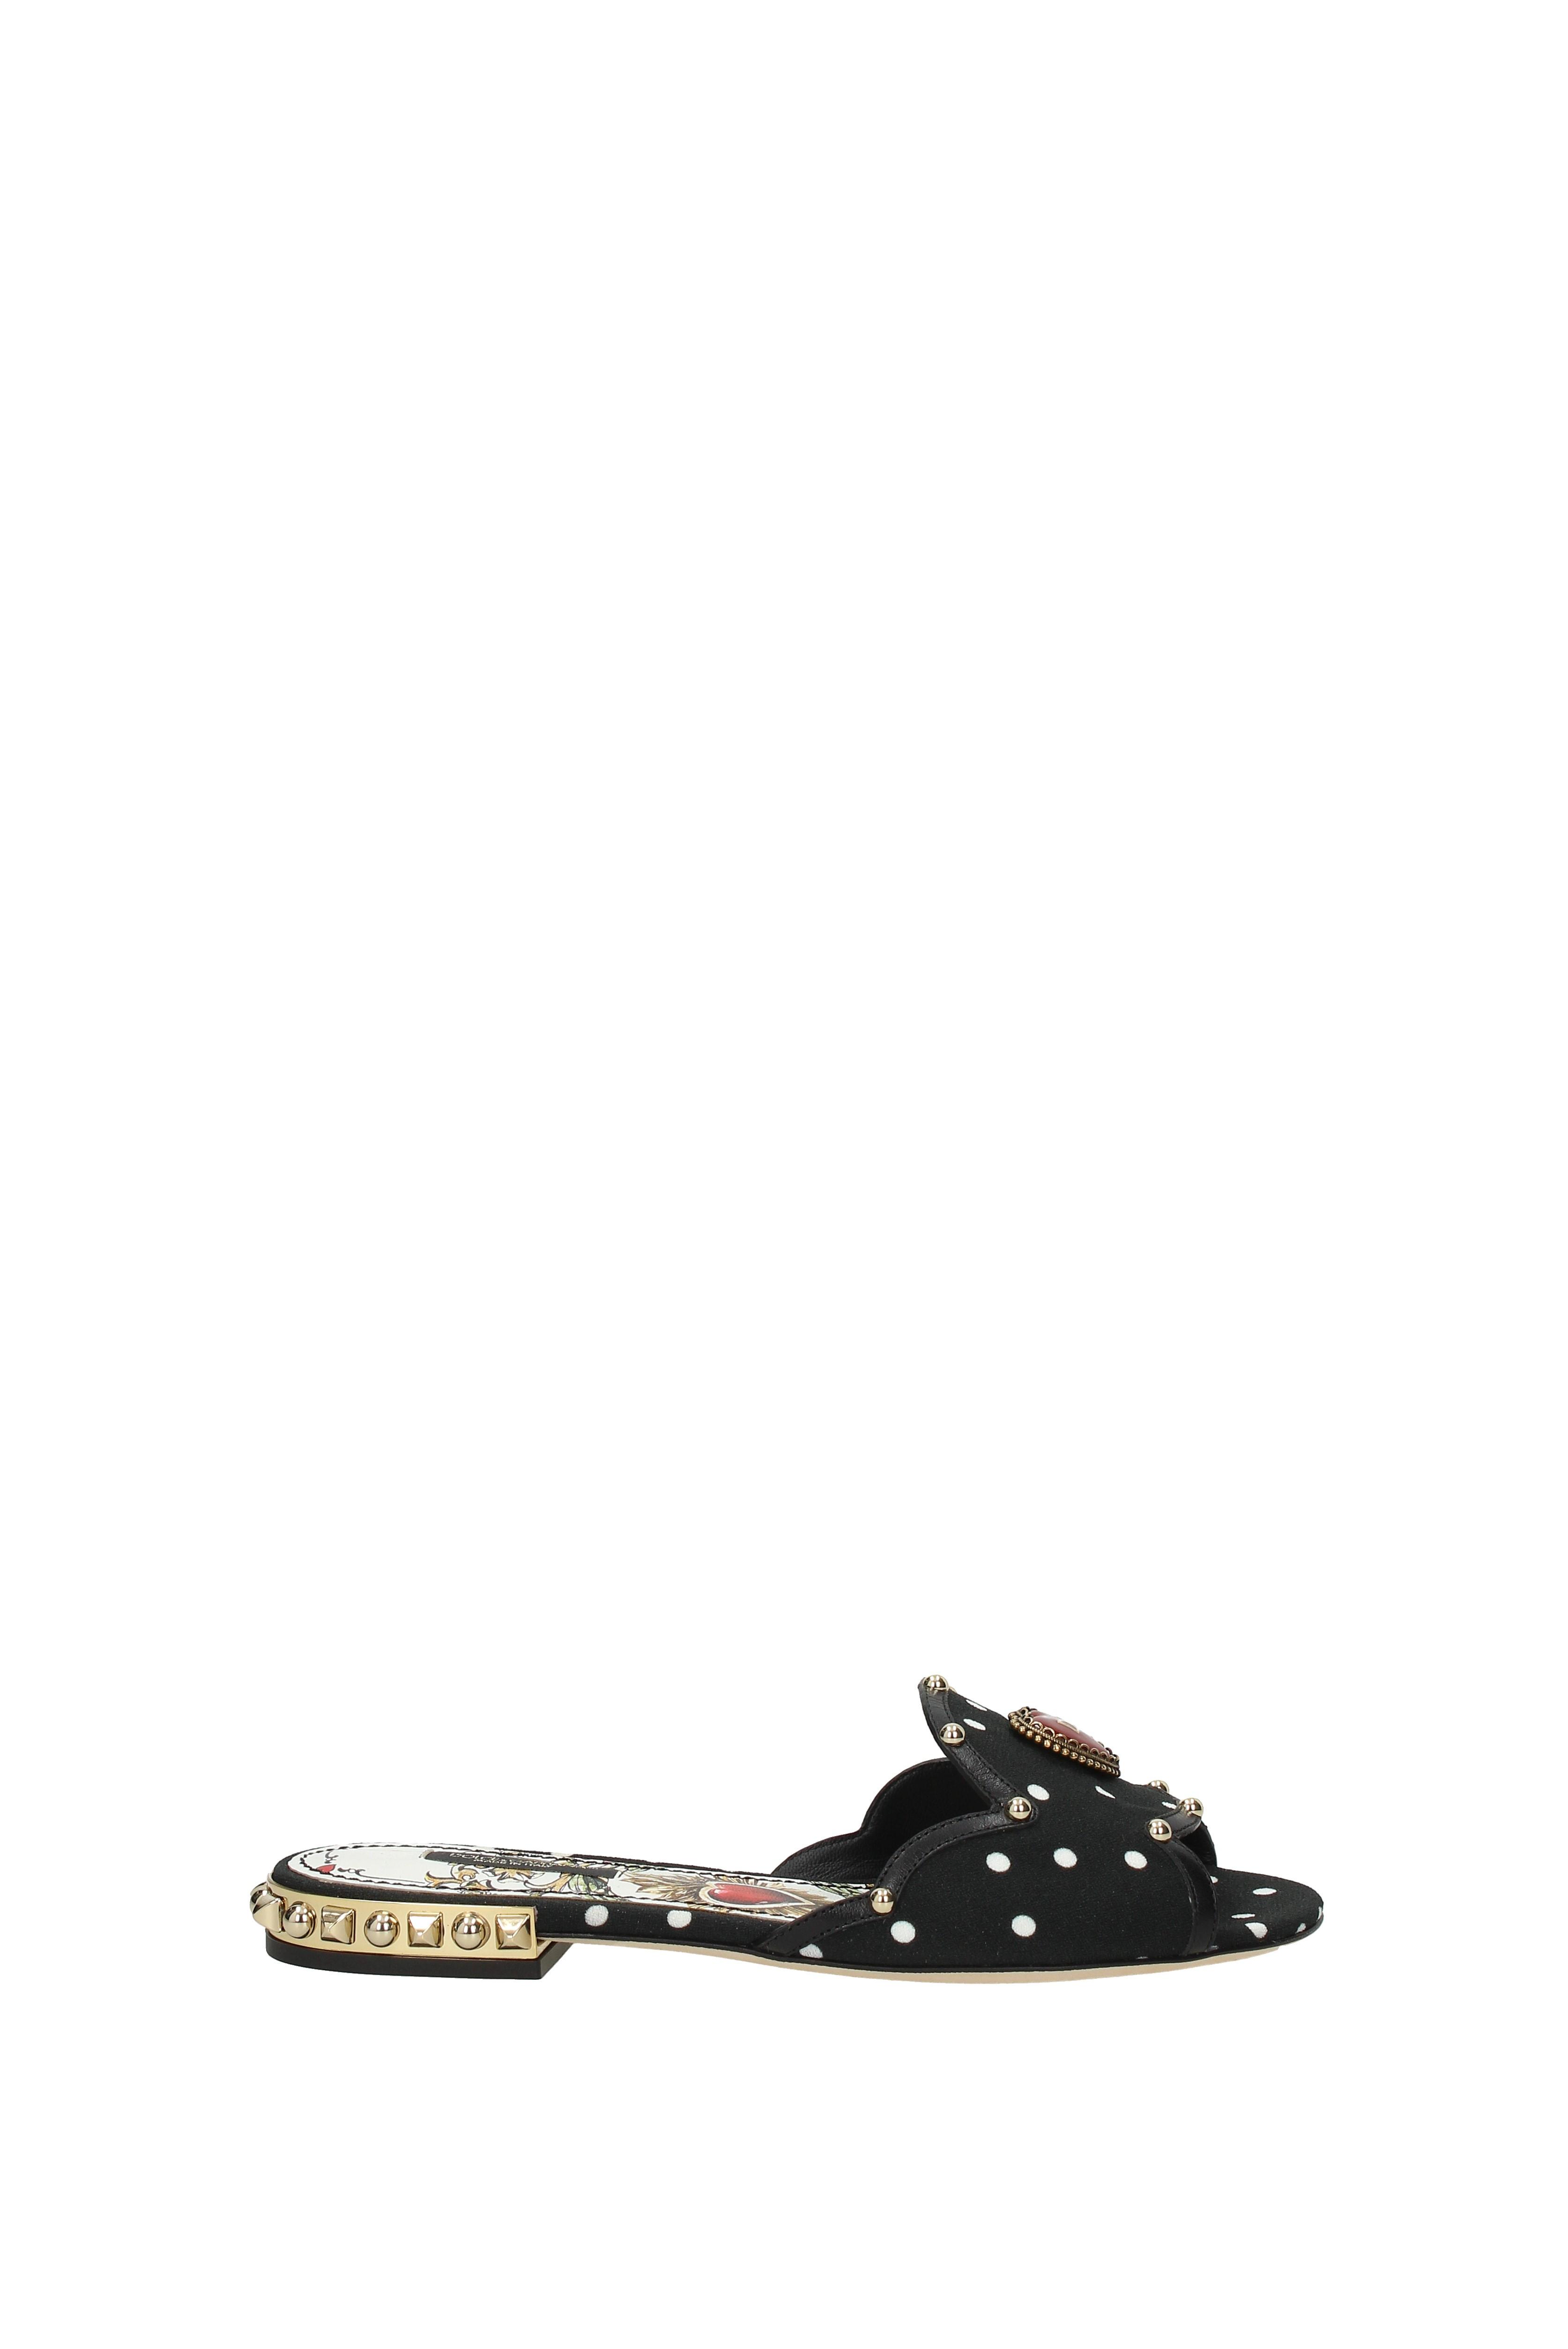 Flip-Flops Holzschuhe und Holzschuhe Flip-Flops Dolce&Gabbana bianca Damen - Stoff (CQ0157AN728) fb360f